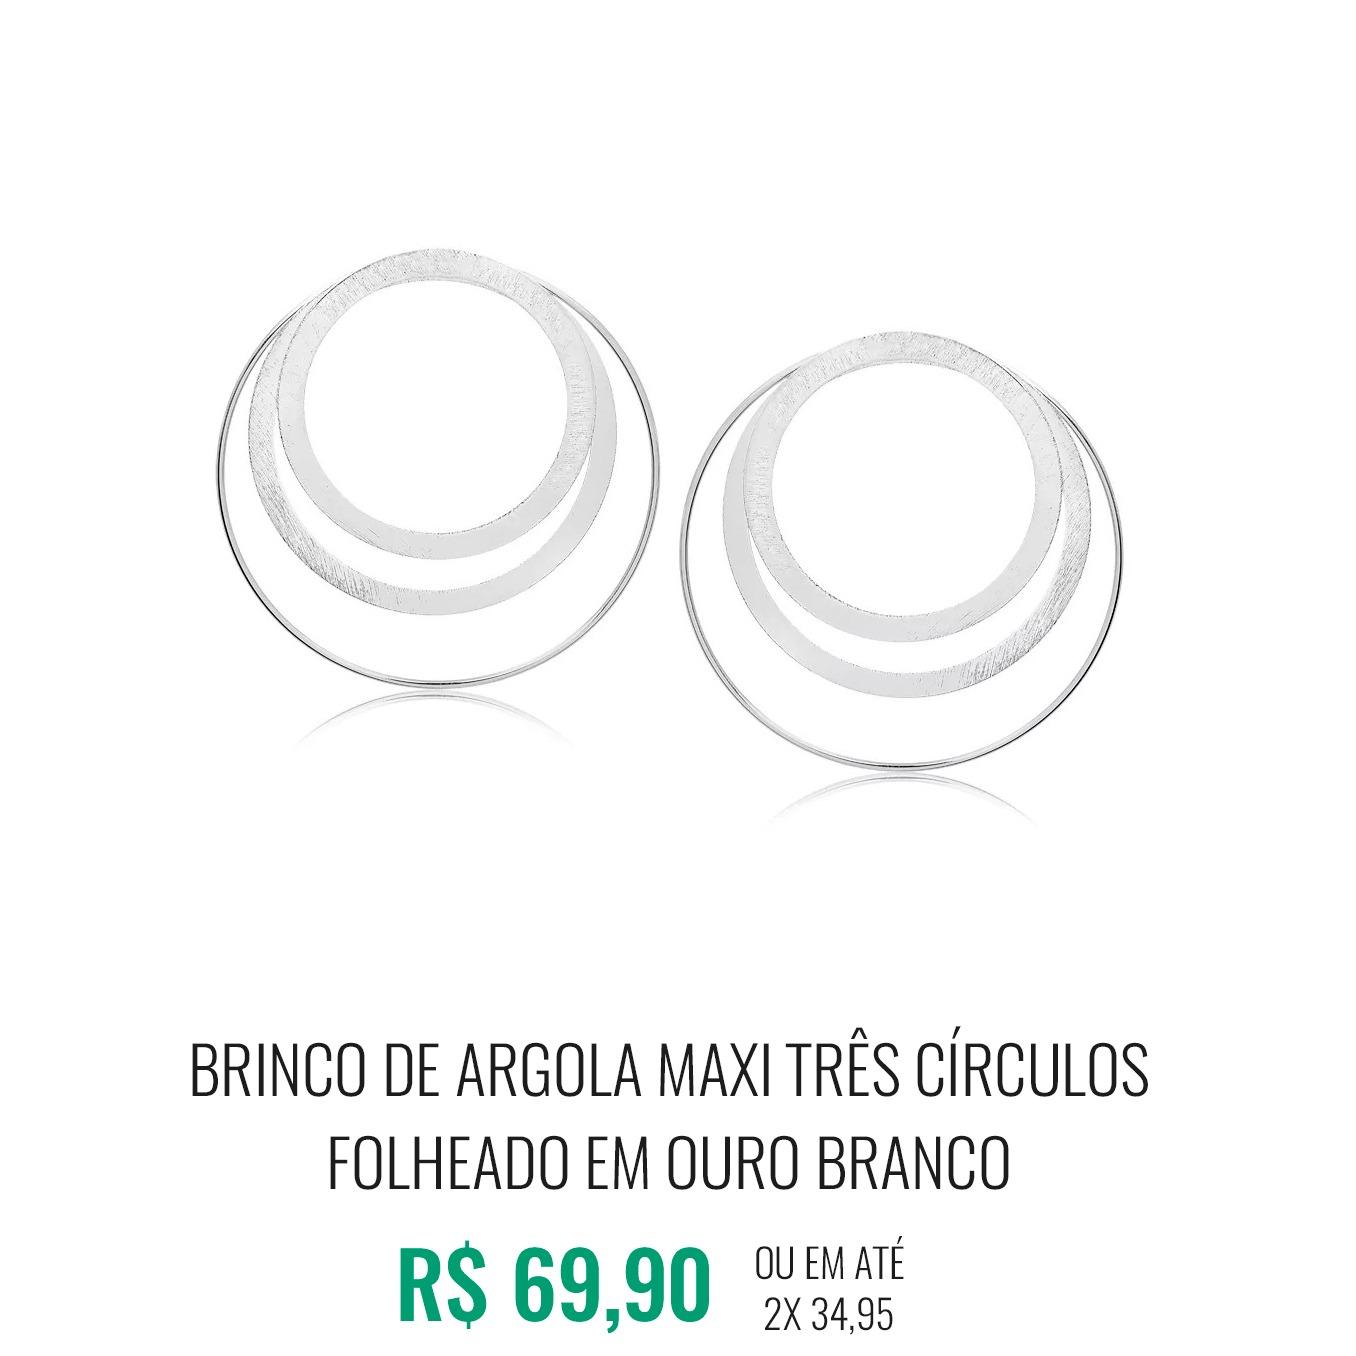 Brinco de Argola Maxi Três Círculos folheado em ouro branco